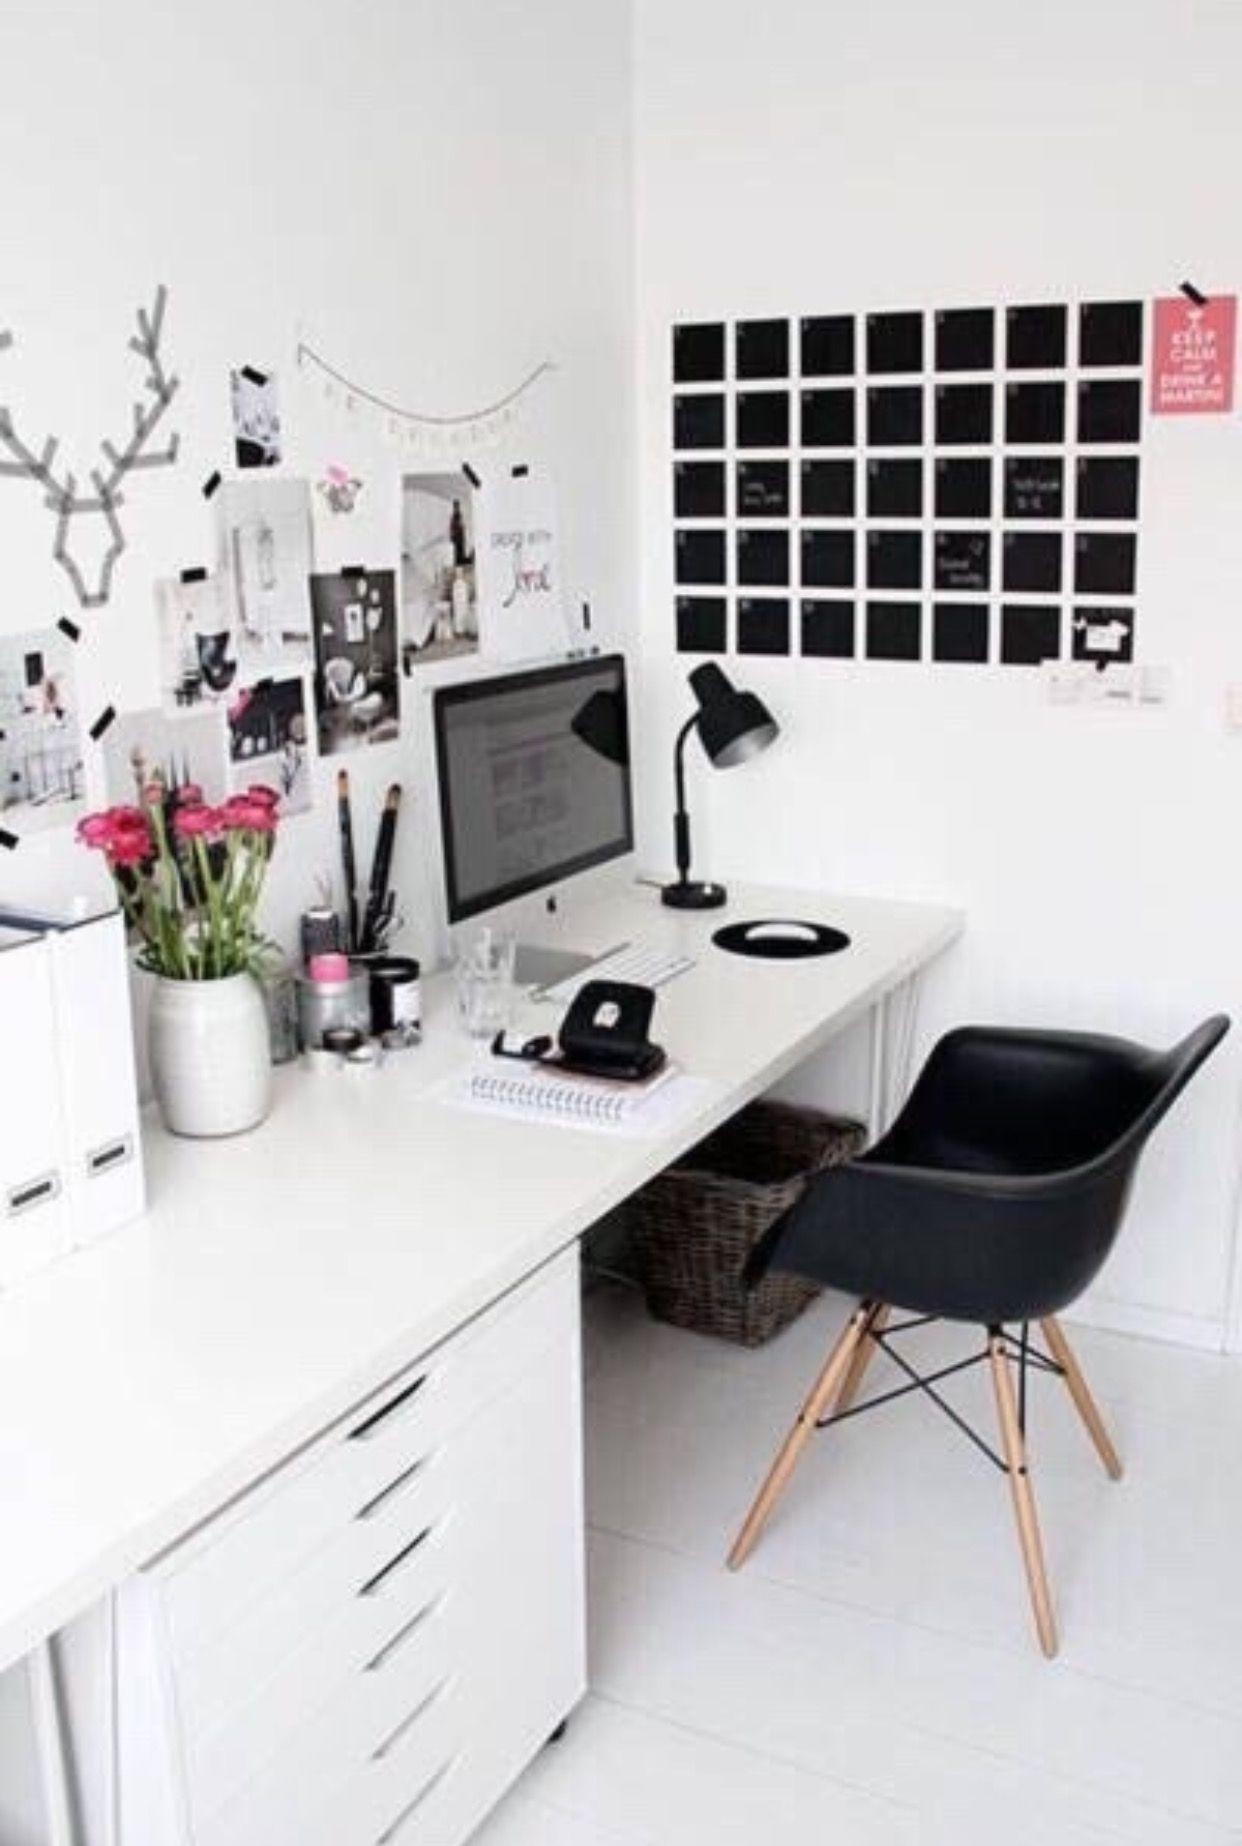 white home office desks ideas on foter rh foter com home office desk ideas pinterest home office desk ideas pinterest